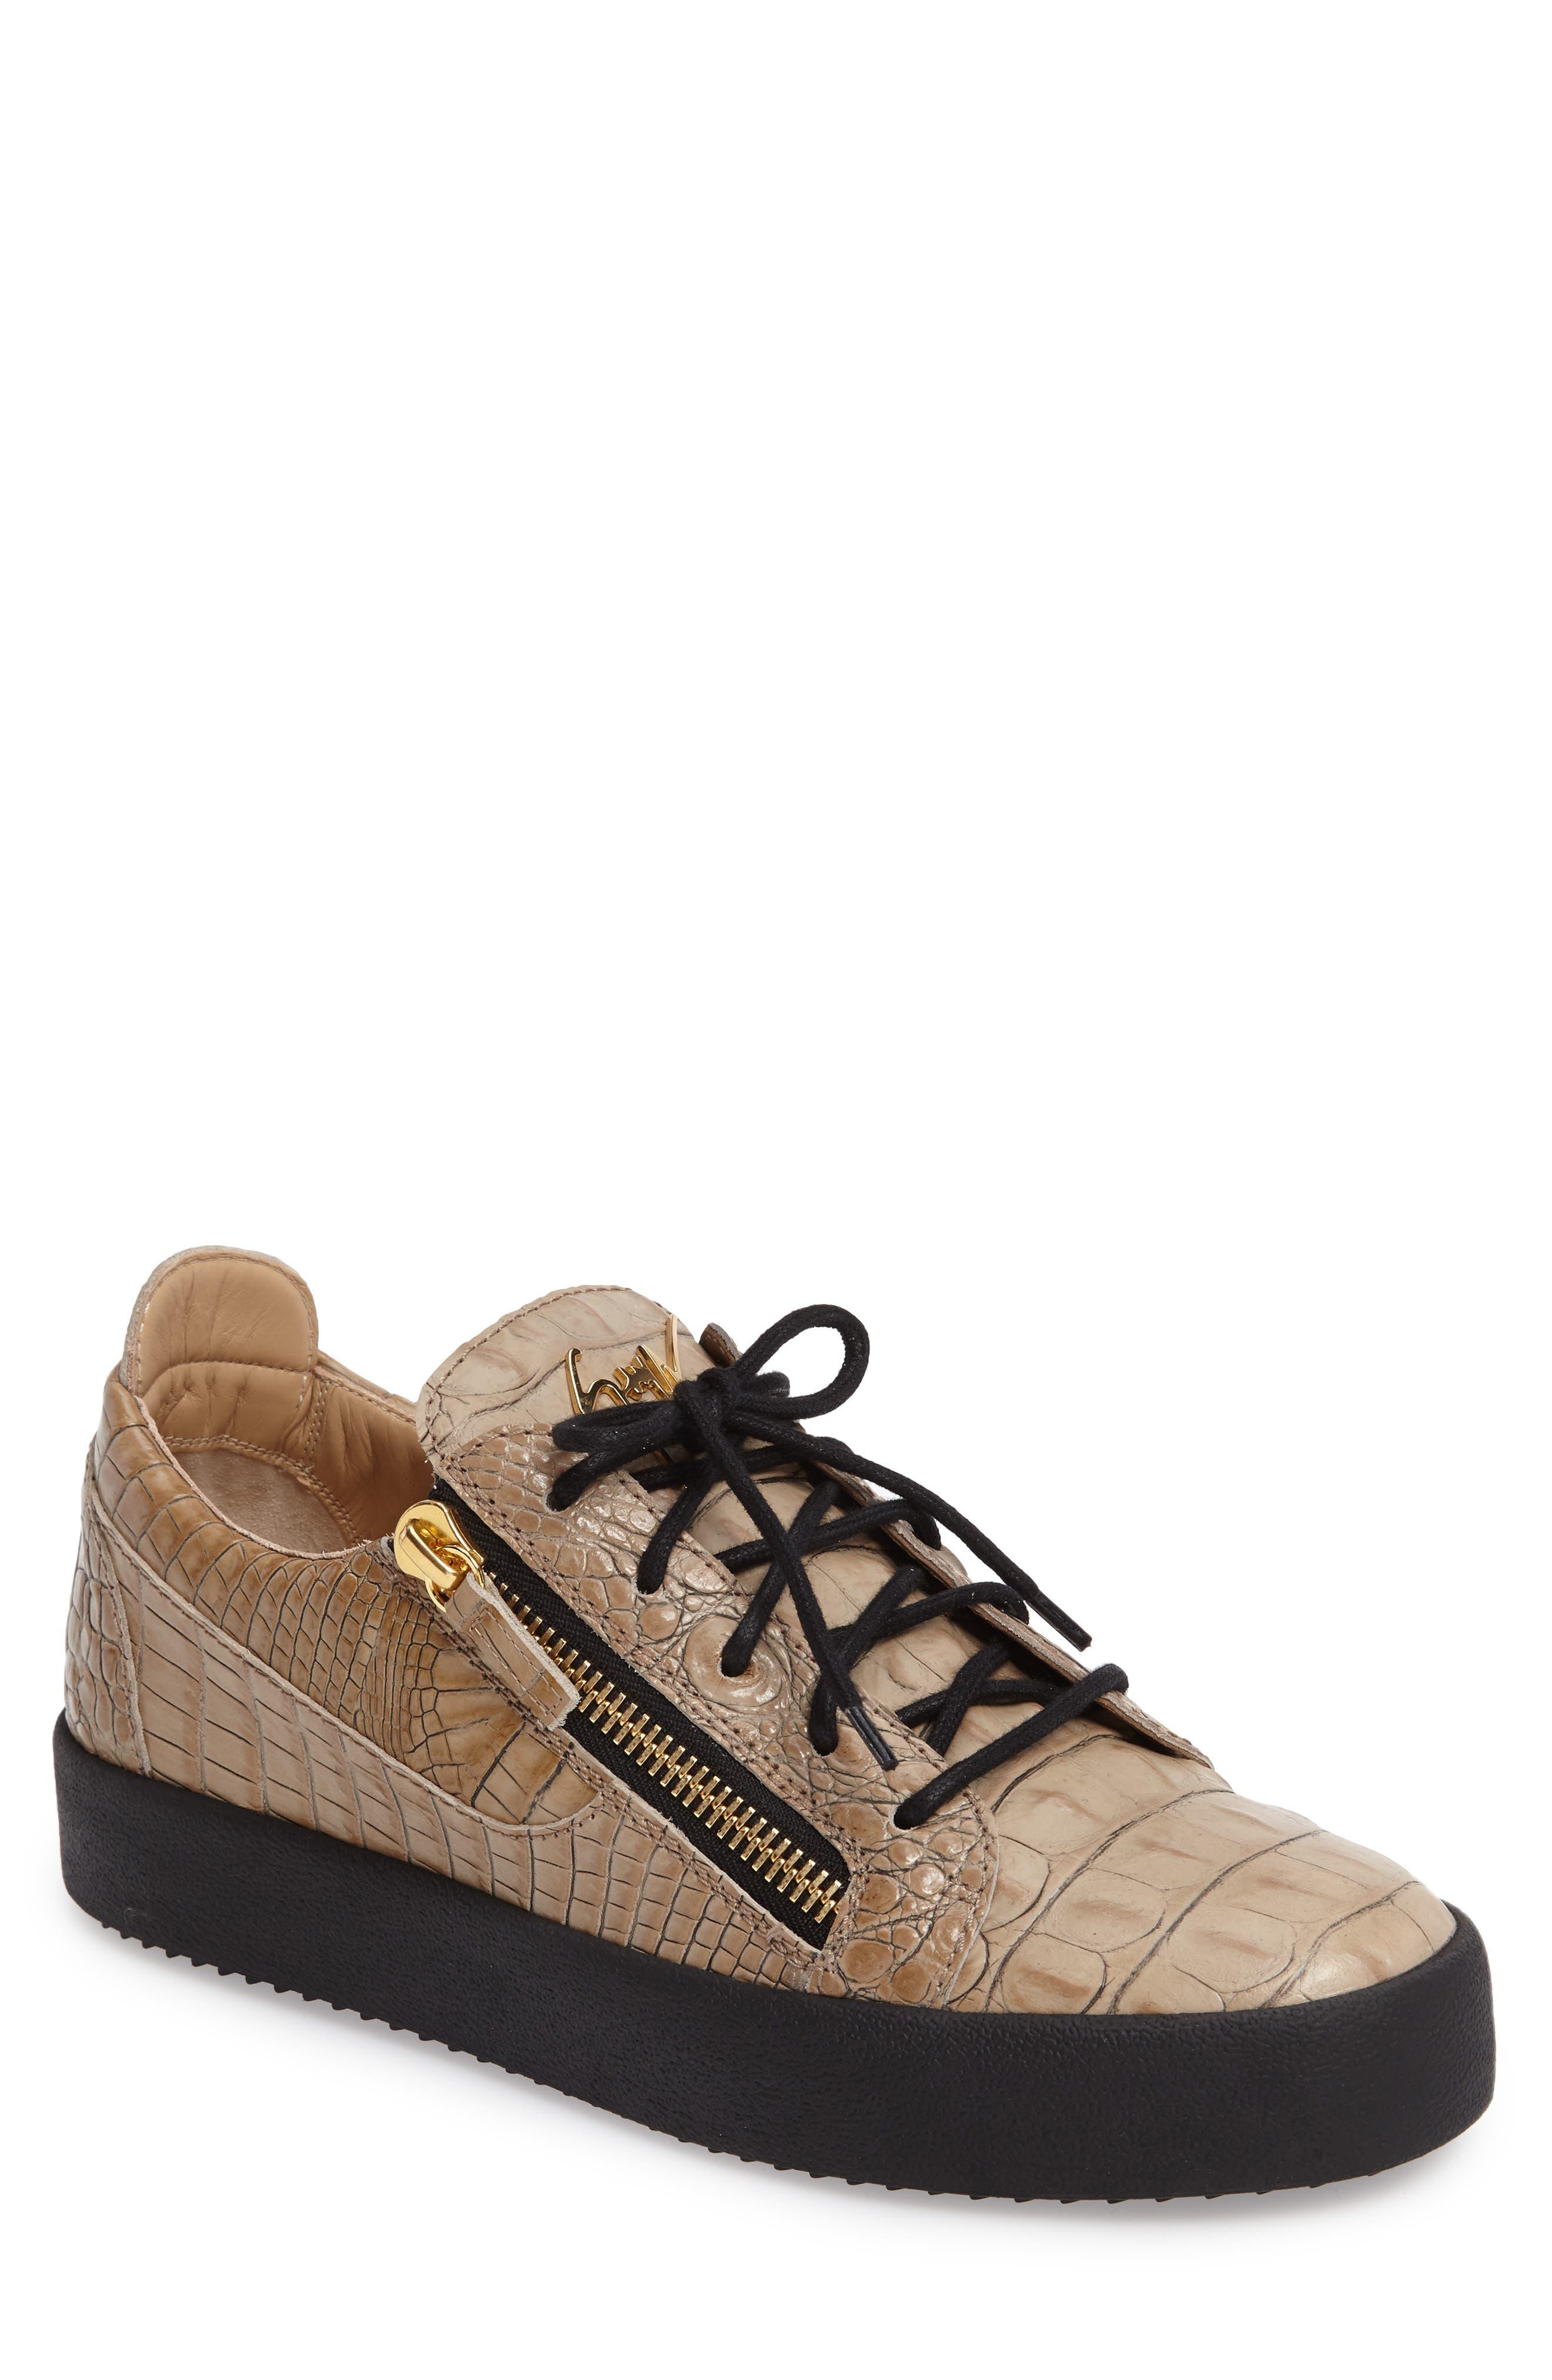 Low Top Sneaker,                         Main,                         color, 200